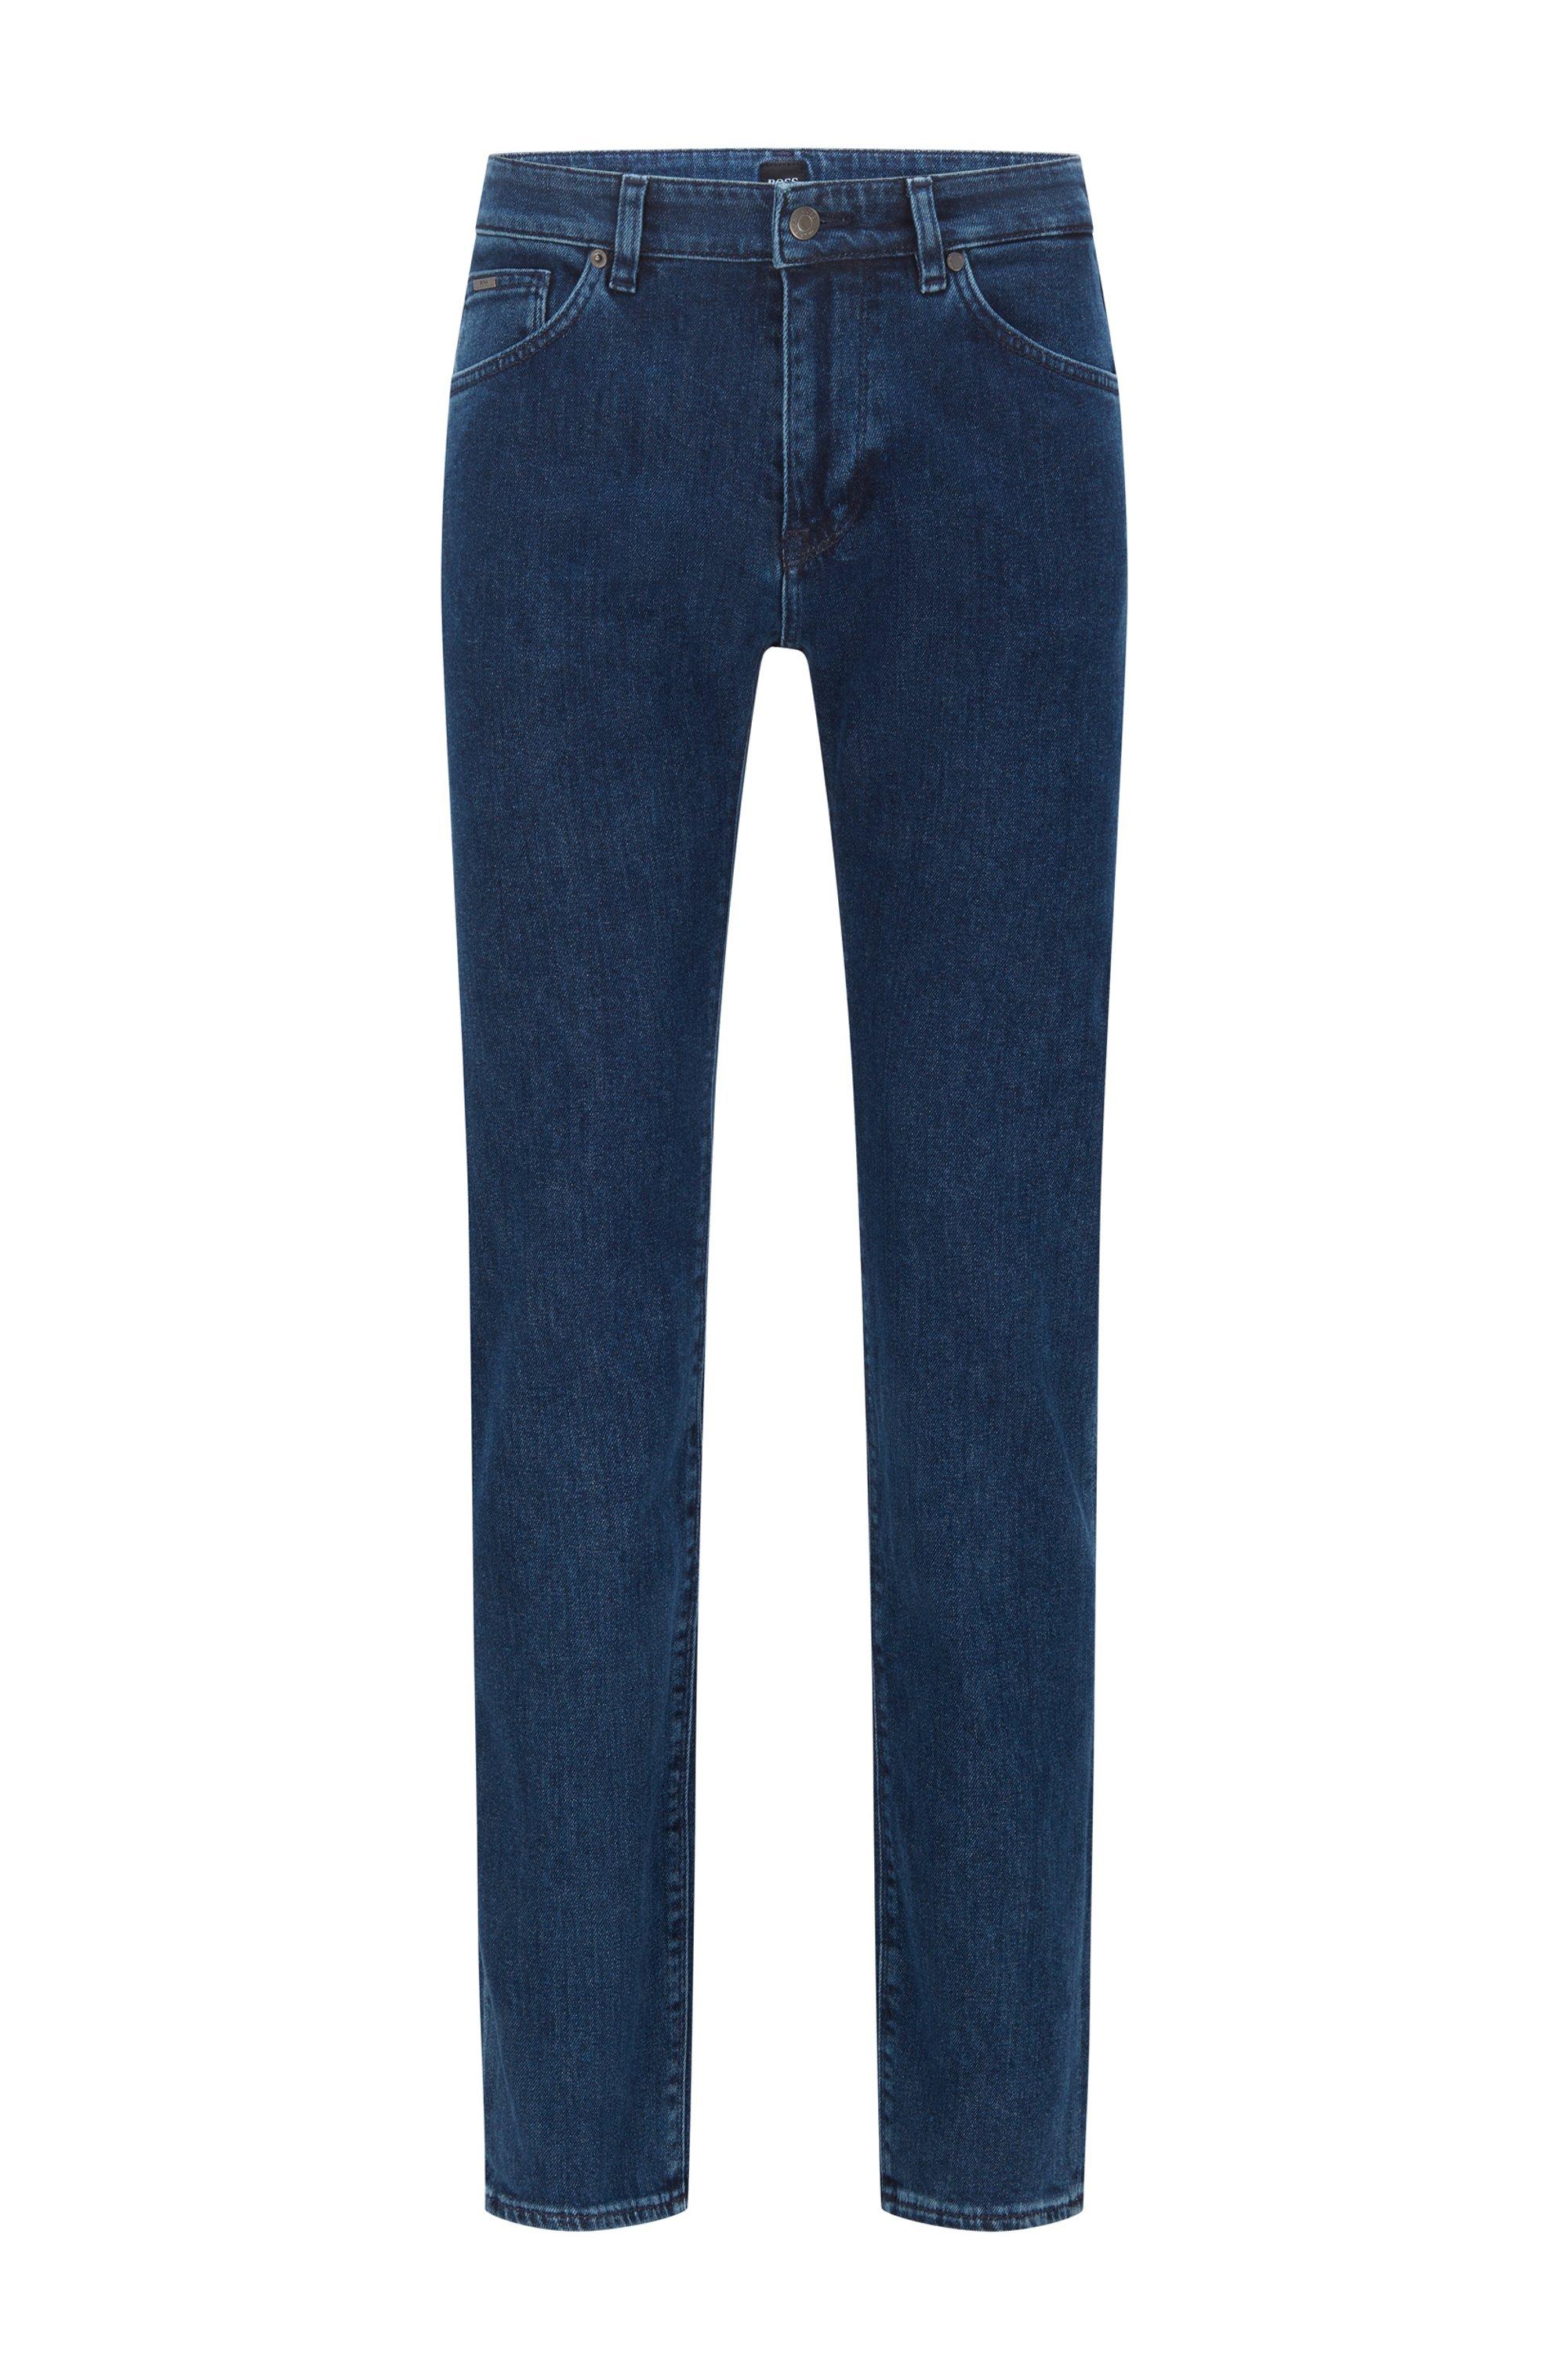 Regular-fit jeans in BCI-cotton stretch denim, Blue